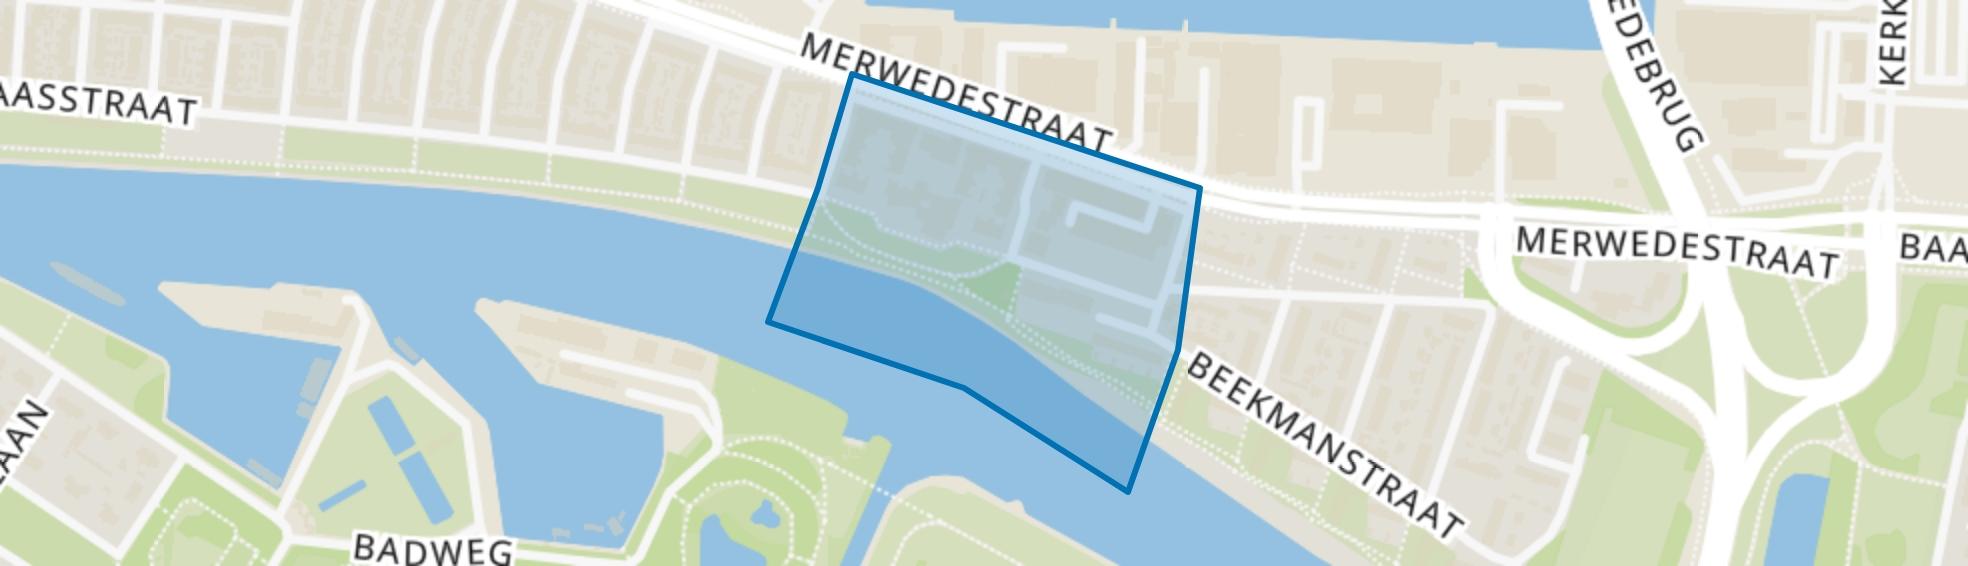 Plein 1940-1945 en omgeving, Dordrecht map